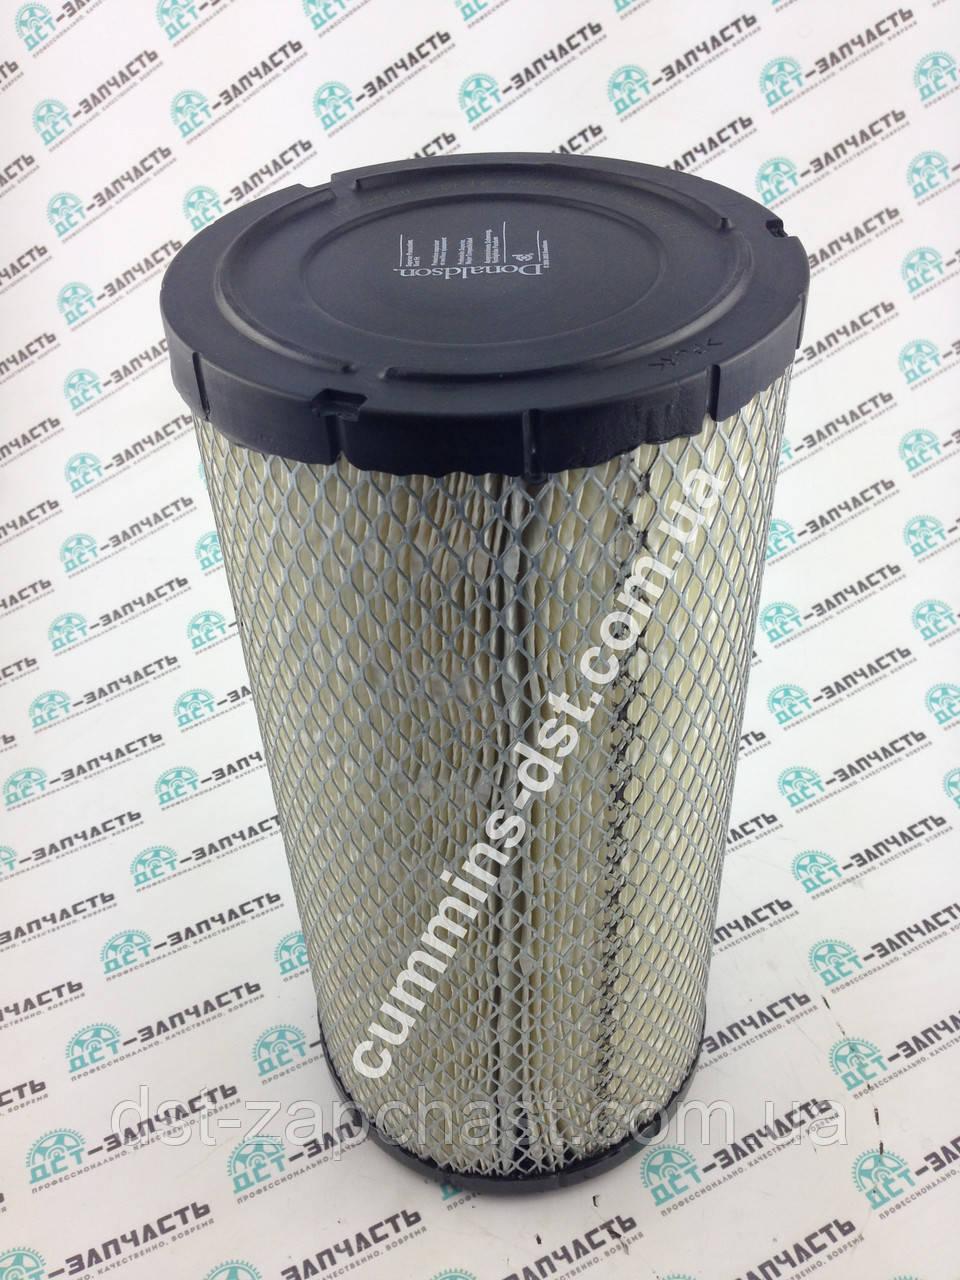 Фильтр воздушный P772580/RE62220 LX1142/AF25557 901048/90002042 26510342